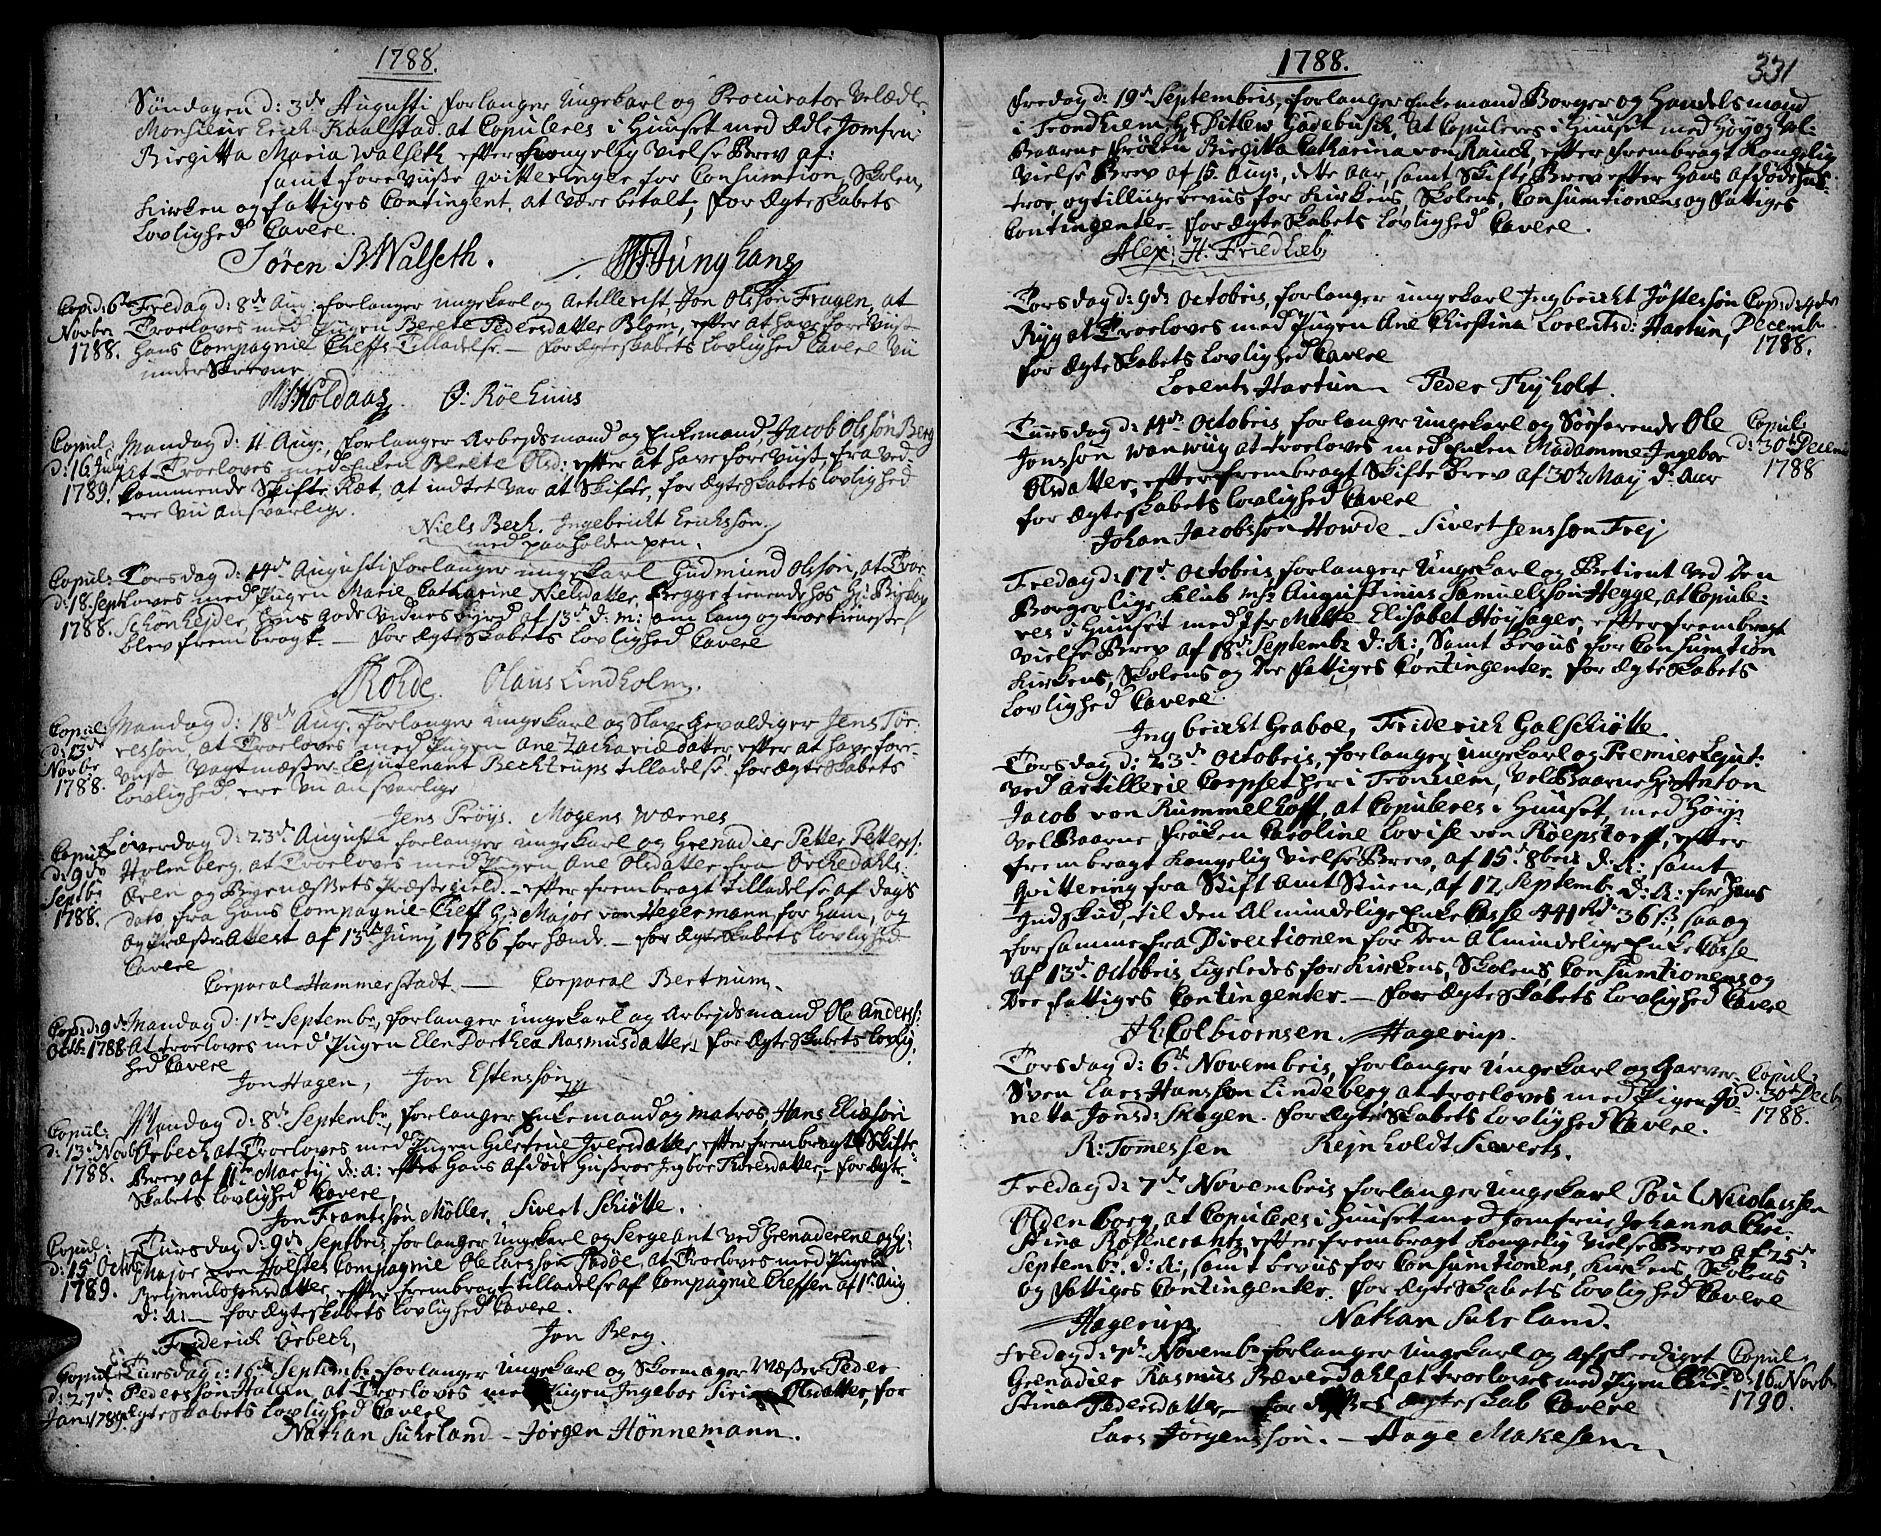 SAT, Ministerialprotokoller, klokkerbøker og fødselsregistre - Sør-Trøndelag, 601/L0038: Ministerialbok nr. 601A06, 1766-1877, s. 331